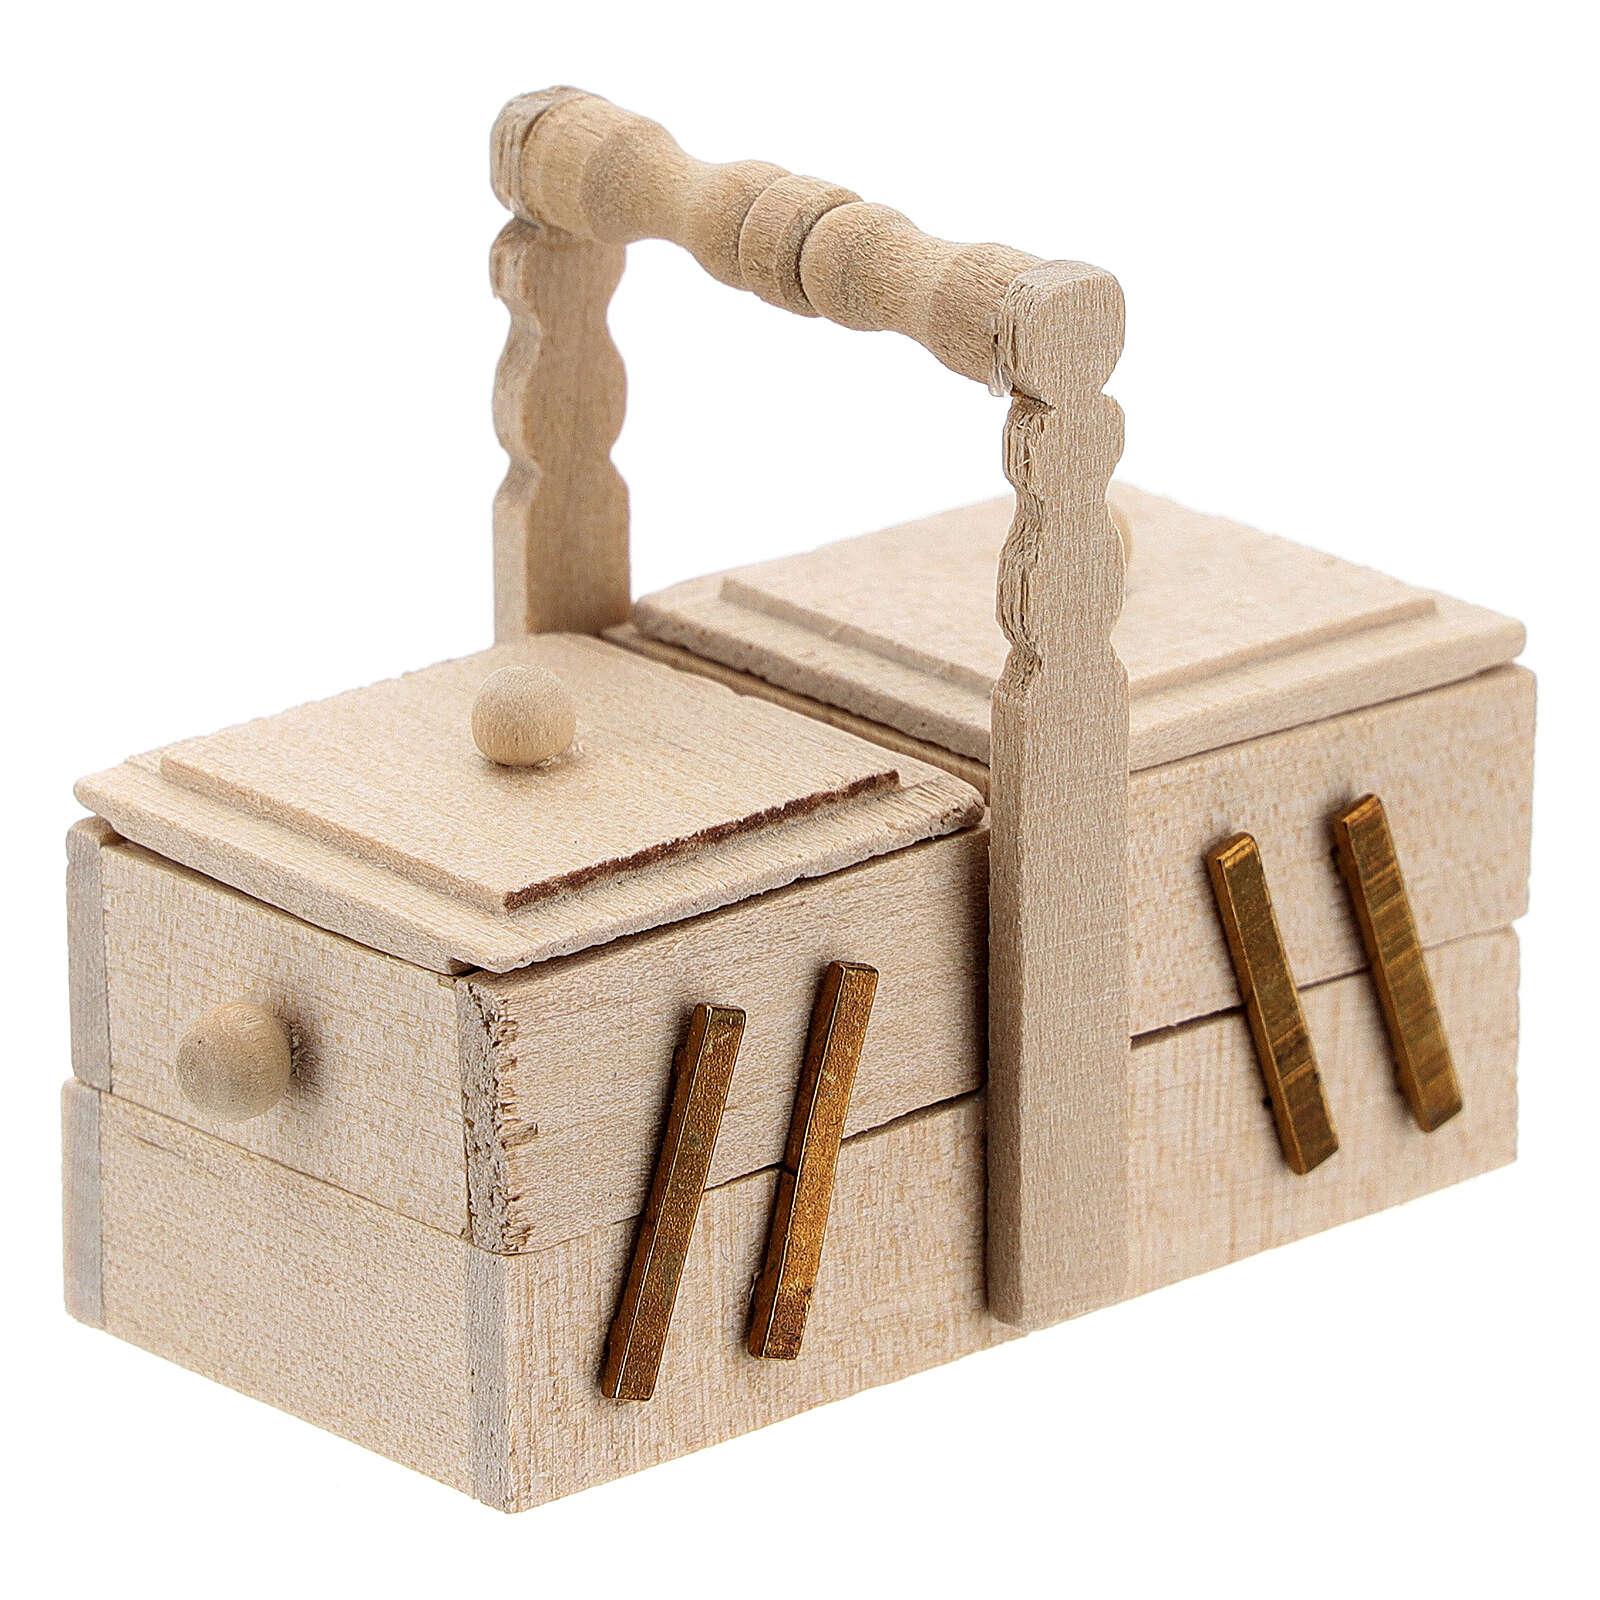 Wooden dressmaker case Nativity scene 10 cm 4